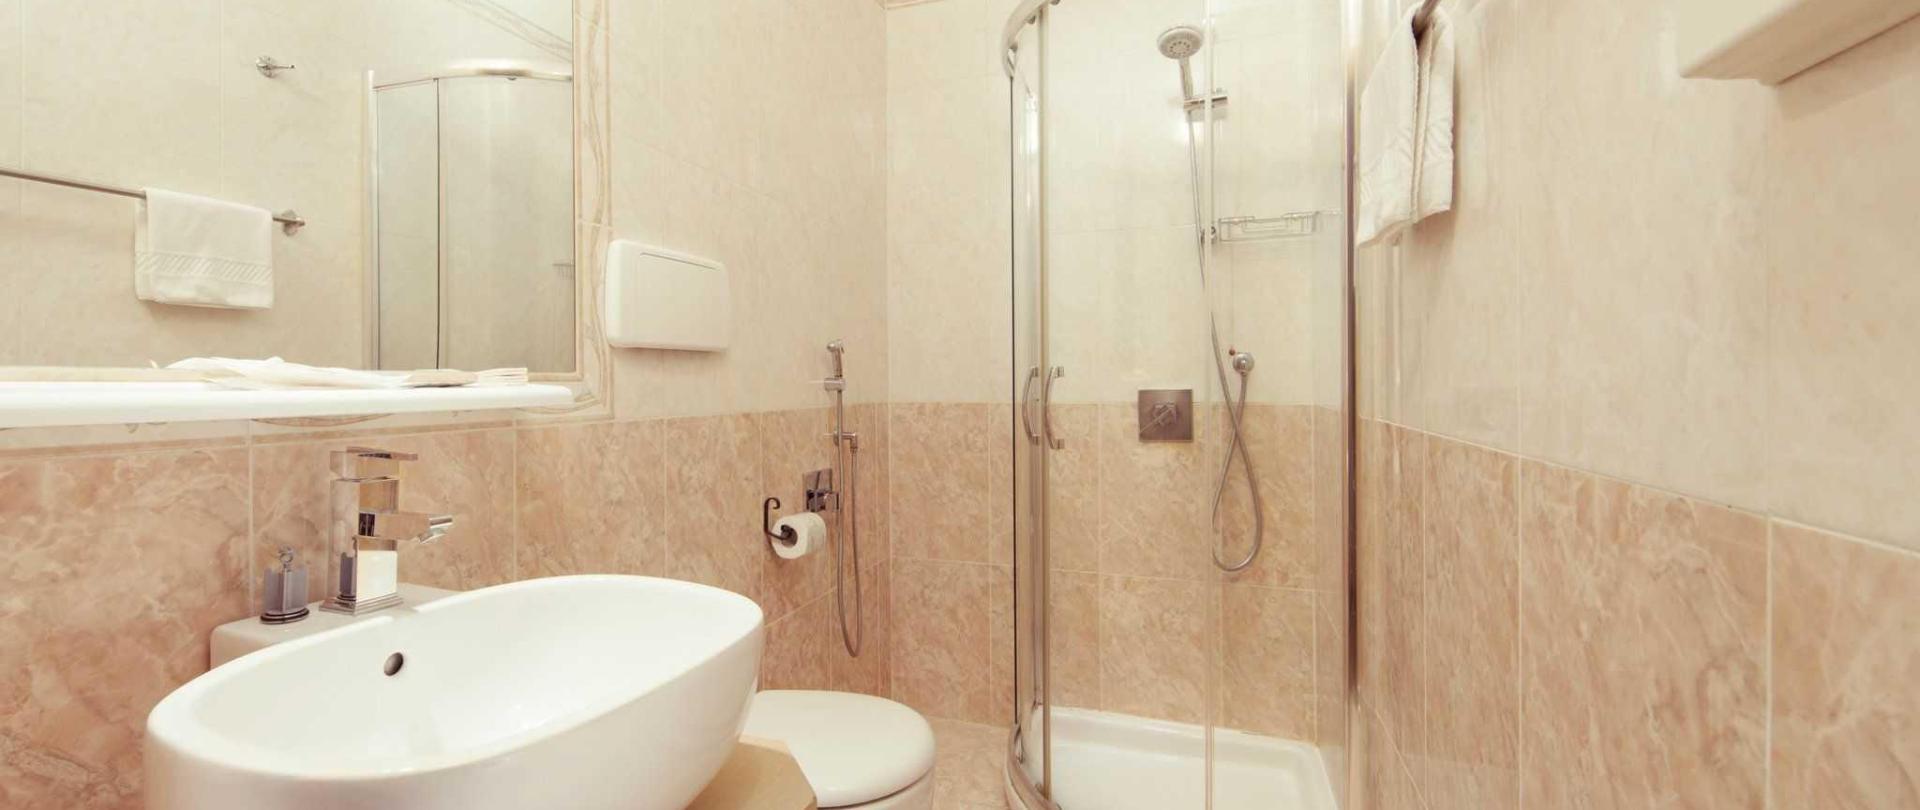 toilet-02-4.jpg